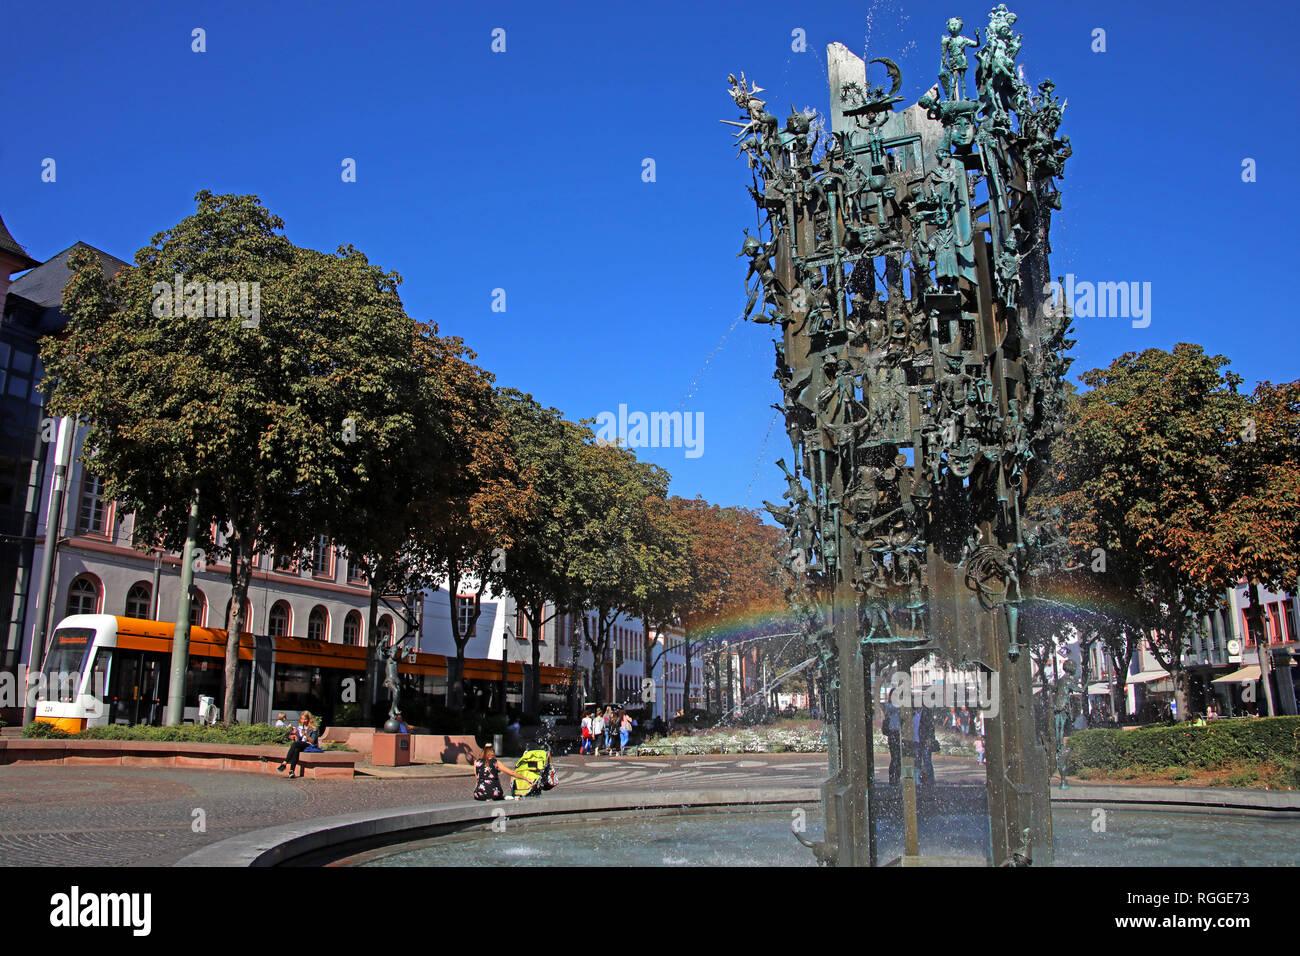 Laden Sie dieses Alamy Stockfoto Karneval Brunnen, Fastnachtsbrunnen, Landeshauptstadt, Schillerpl., 55131 Mainz, Deutschland, Europa - RGGE73